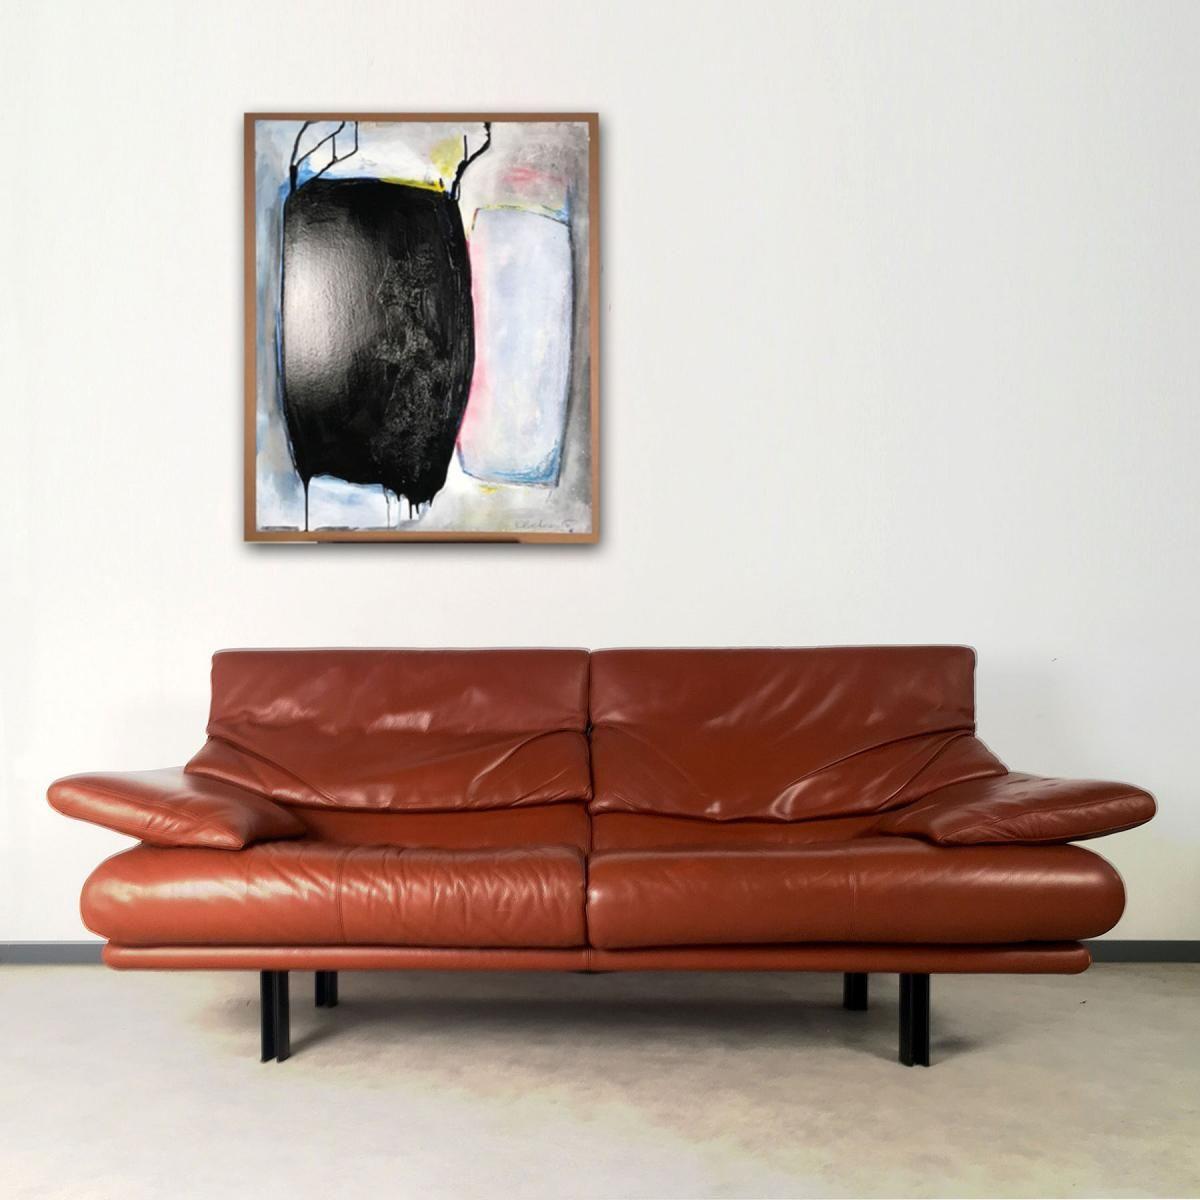 Vintage Alanda Drei Sitzer Sofa Von Paolo Piva Für Bu0026B Italia Coole  Original Retro Vintage Couch Aus Italien Für Das Wohnzimmer